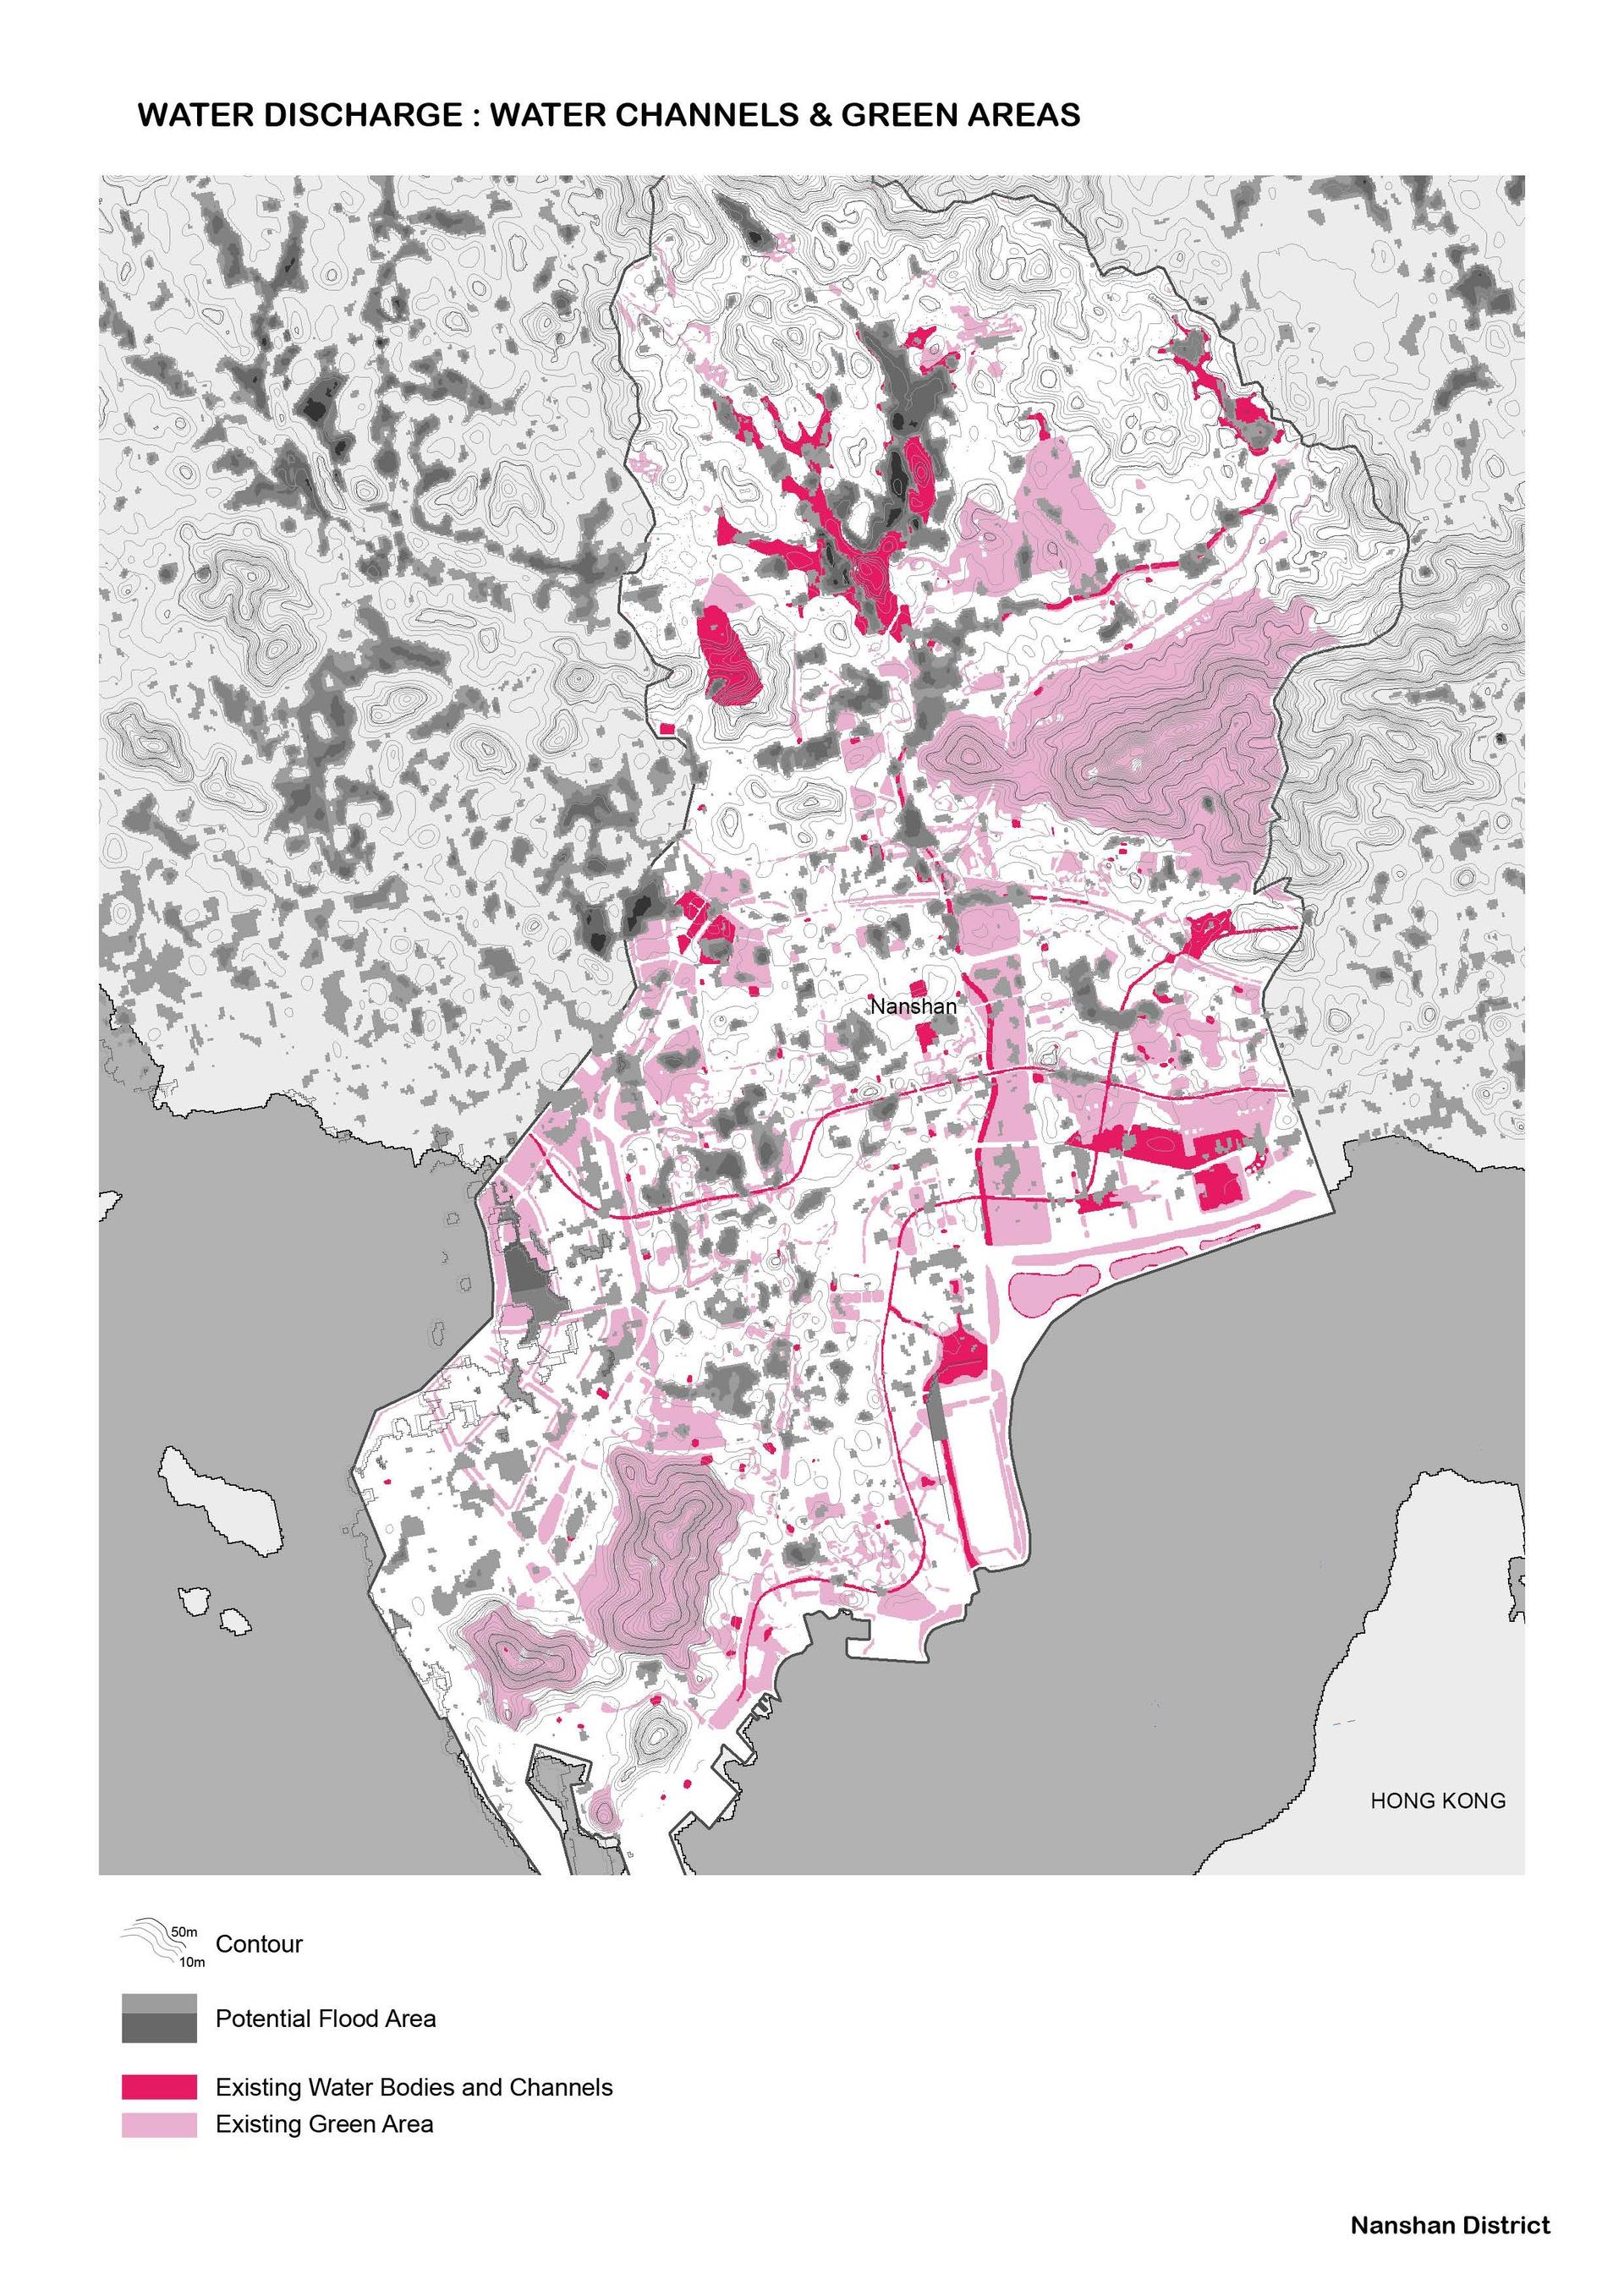 Enlarge Photo: 06_MappingCity in Nanshan District_Chan Tsz Wa, Cheng Kwok Cheong, Ho Yu Ming, Or Chun Hin-01